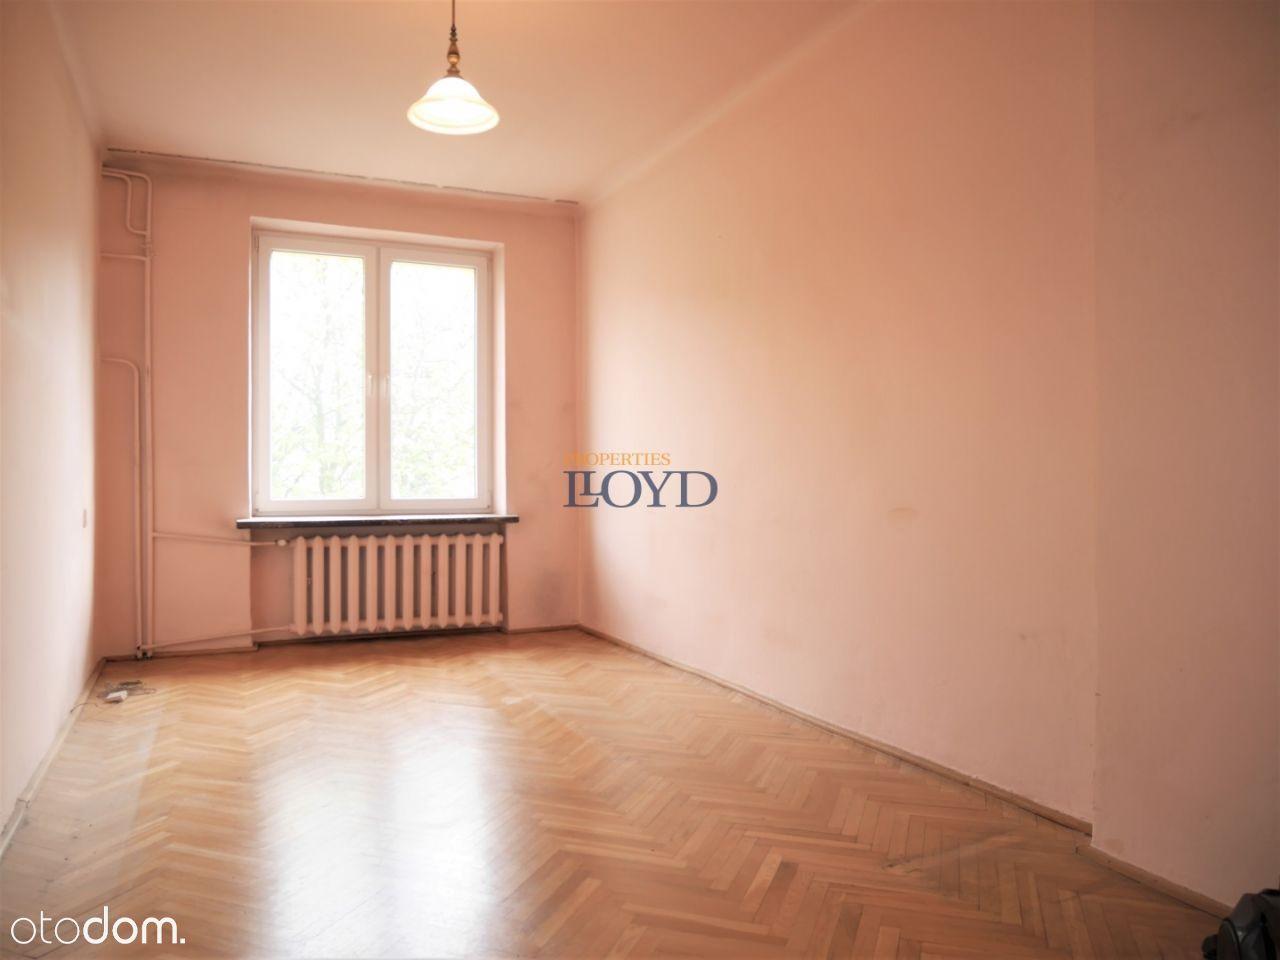 Mieszkanie na sprzedaż, Warszawa, Sady Żoliborskie - Foto 1